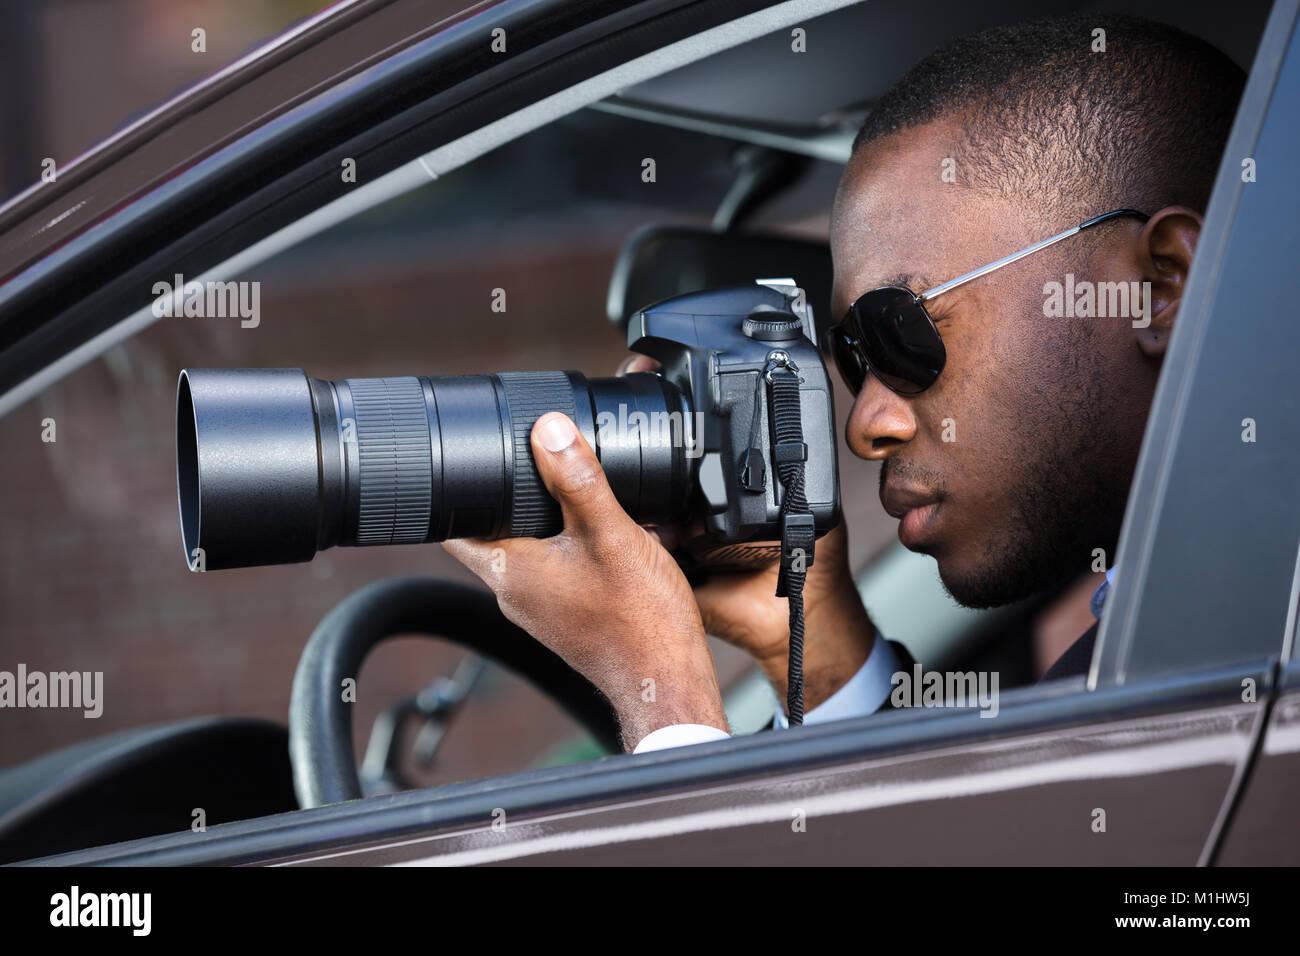 Privatdetektiv Sitzen im Auto Fotografieren mit SLR-Kamera Stockbild